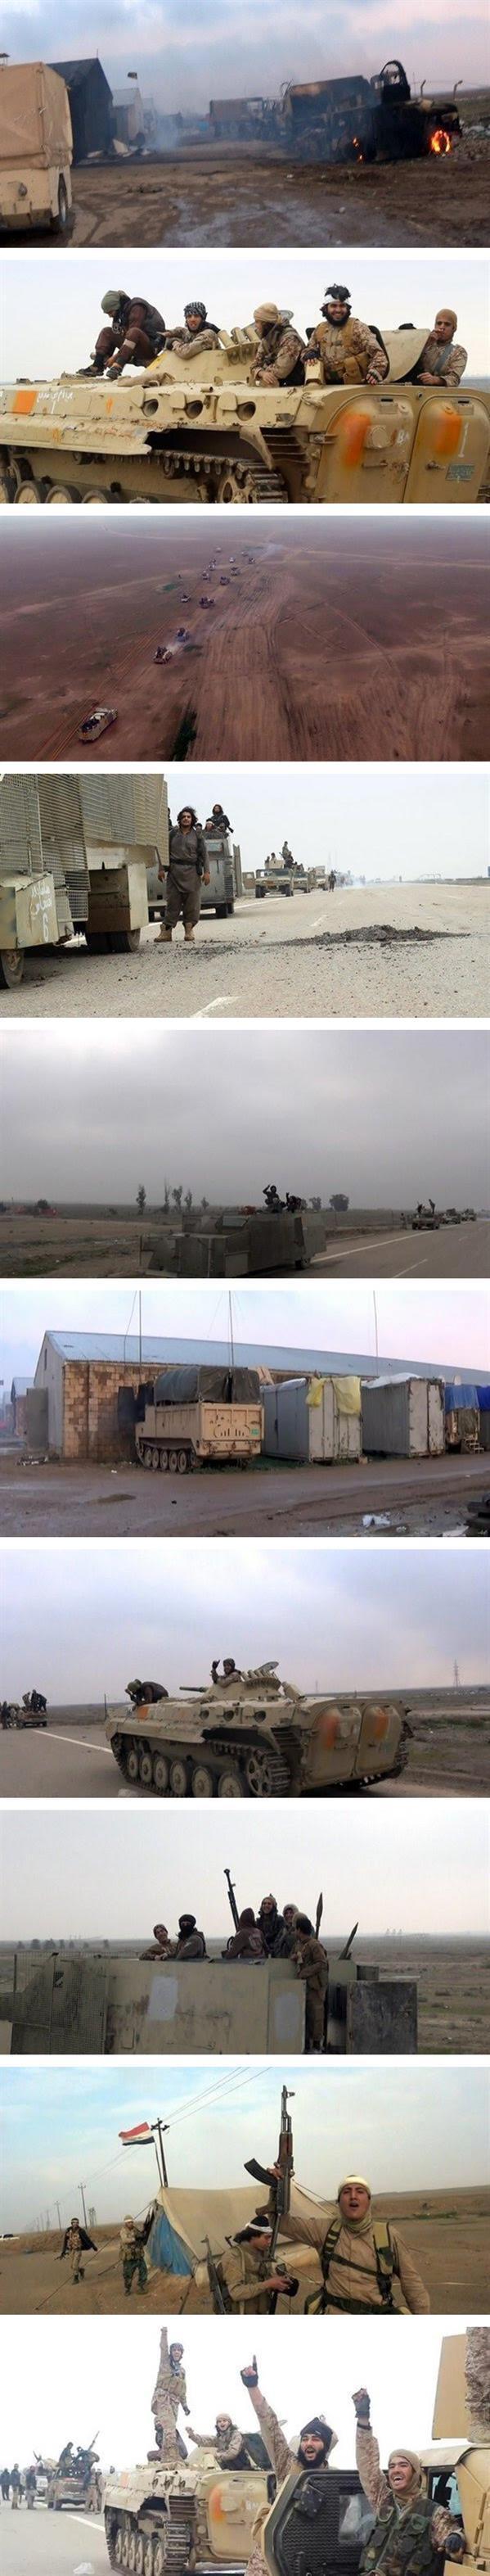 داعش يقتحم معسكراً للجيش العراقي ويستولى على معدات ضخمة